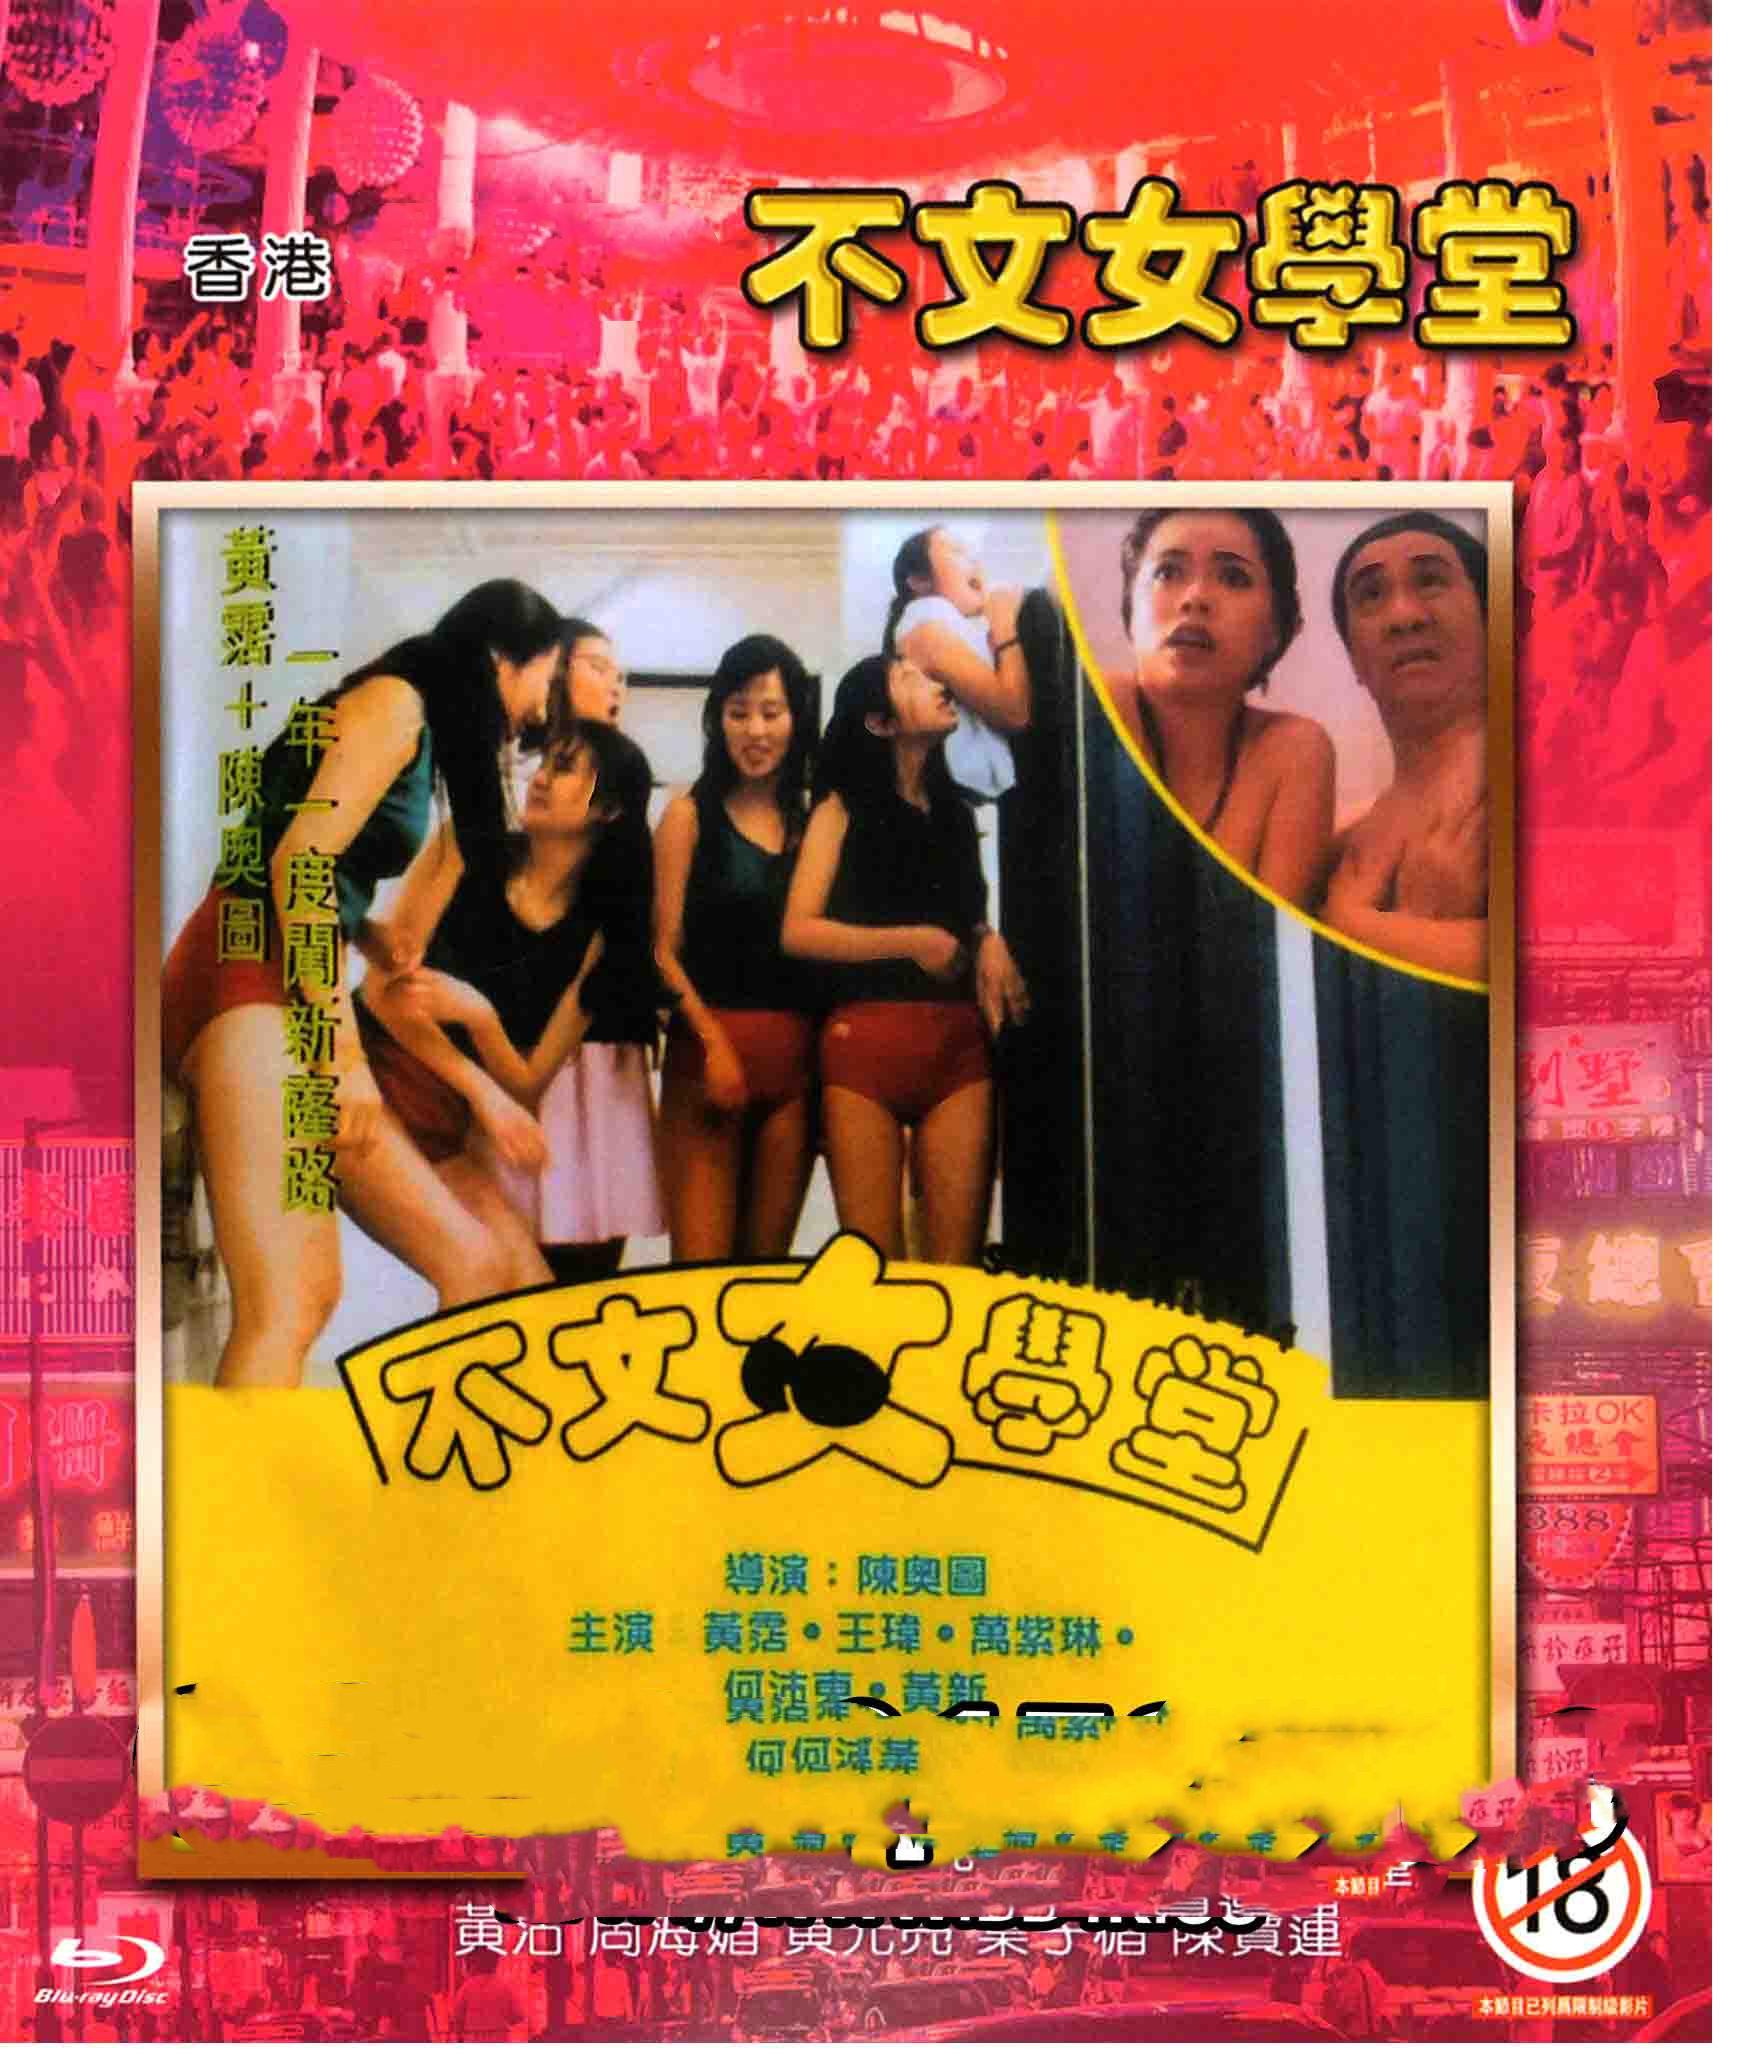 不文女学堂 1994香港喜剧 DVDRip高清迅雷下载